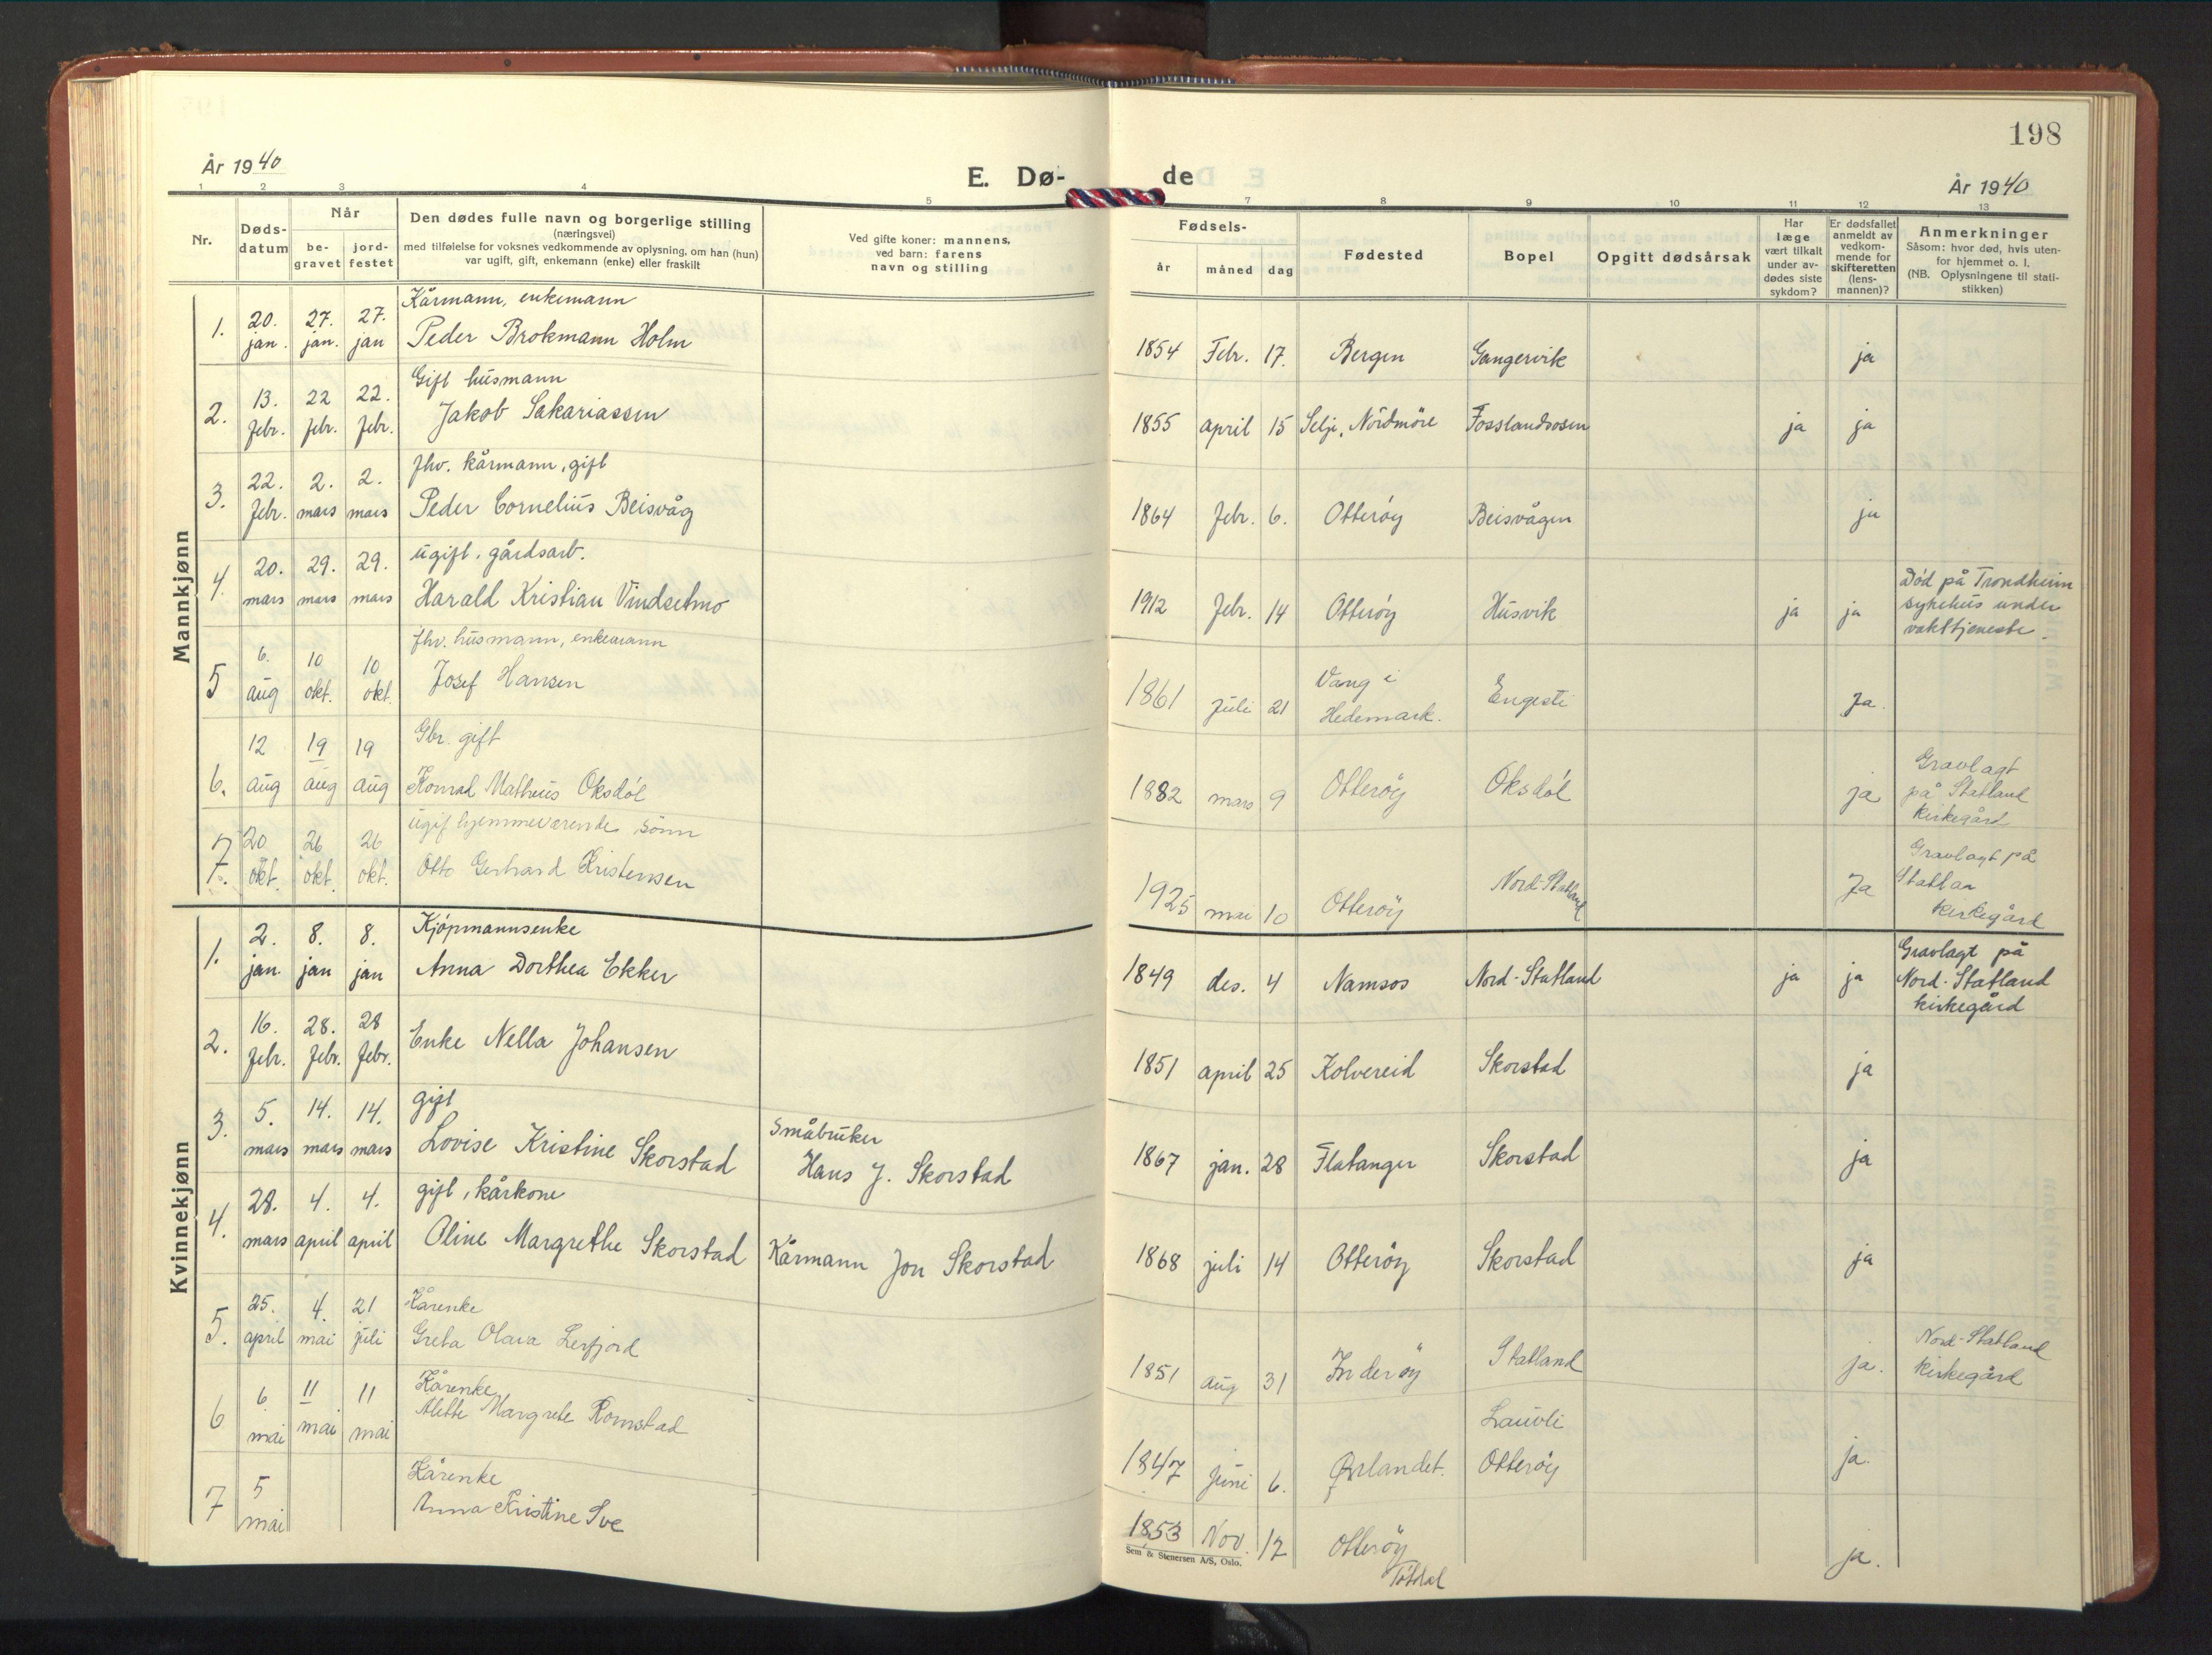 SAT, Ministerialprotokoller, klokkerbøker og fødselsregistre - Nord-Trøndelag, 774/L0631: Klokkerbok nr. 774C02, 1934-1950, s. 198